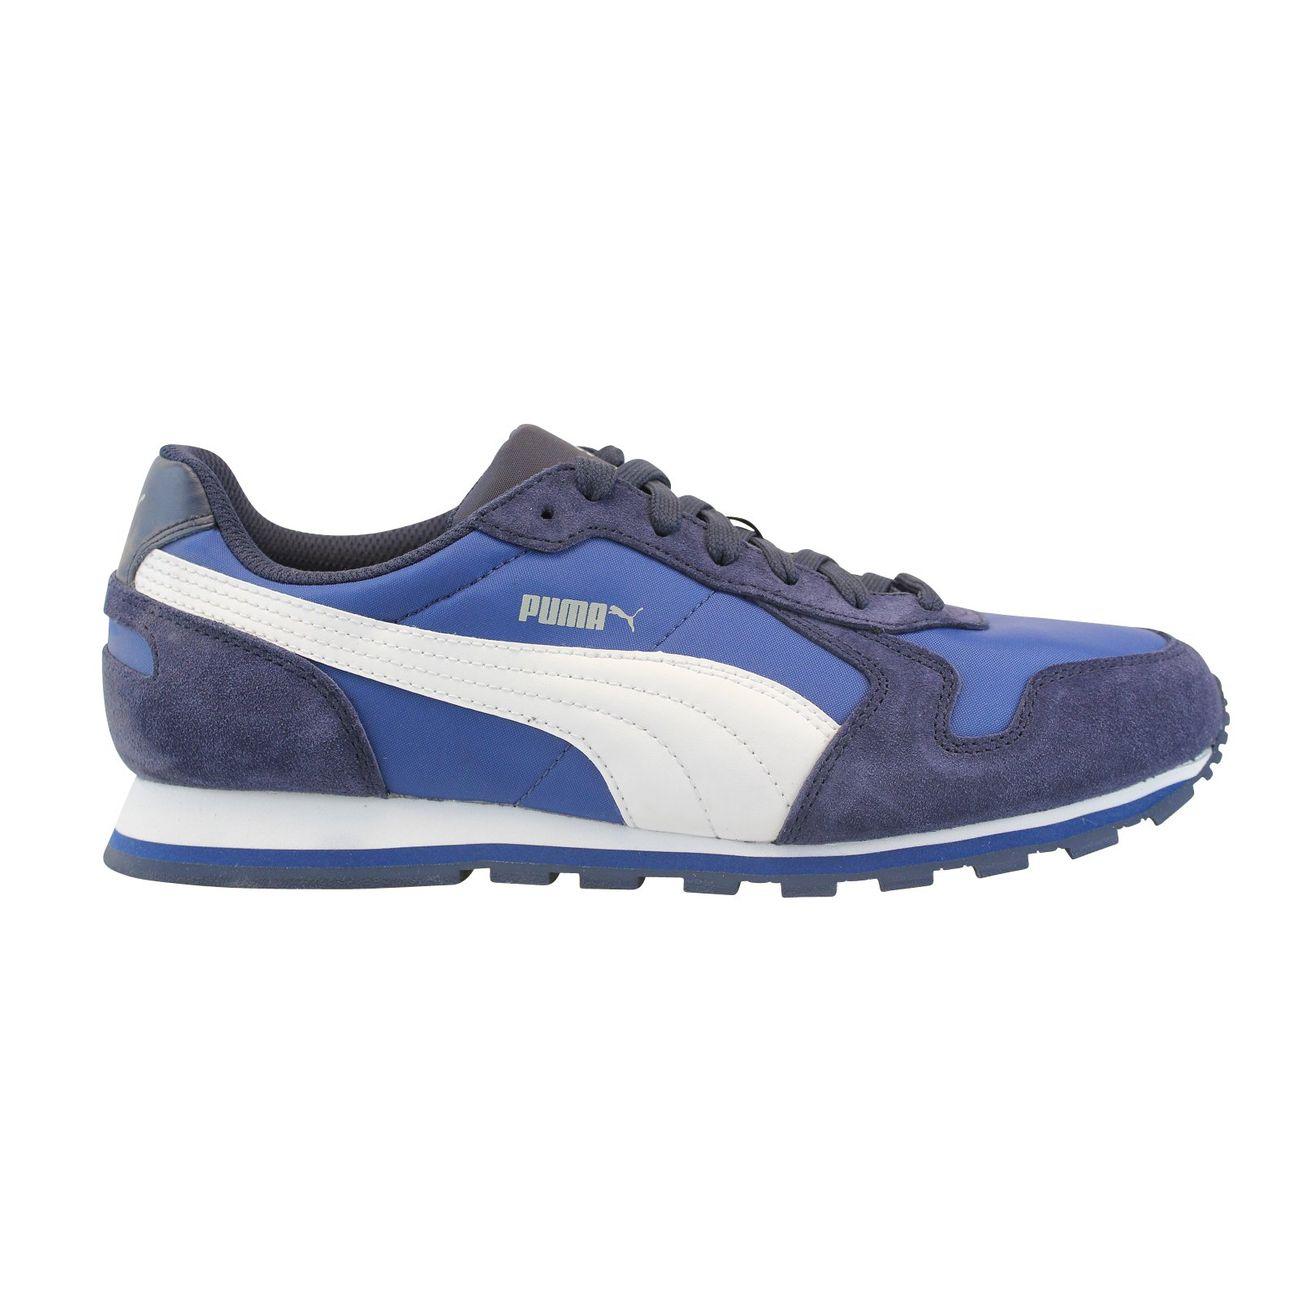 bea08a2823247 Puma St Runner Nylon 356738 23 – achat et prix pas cher - Go Sport